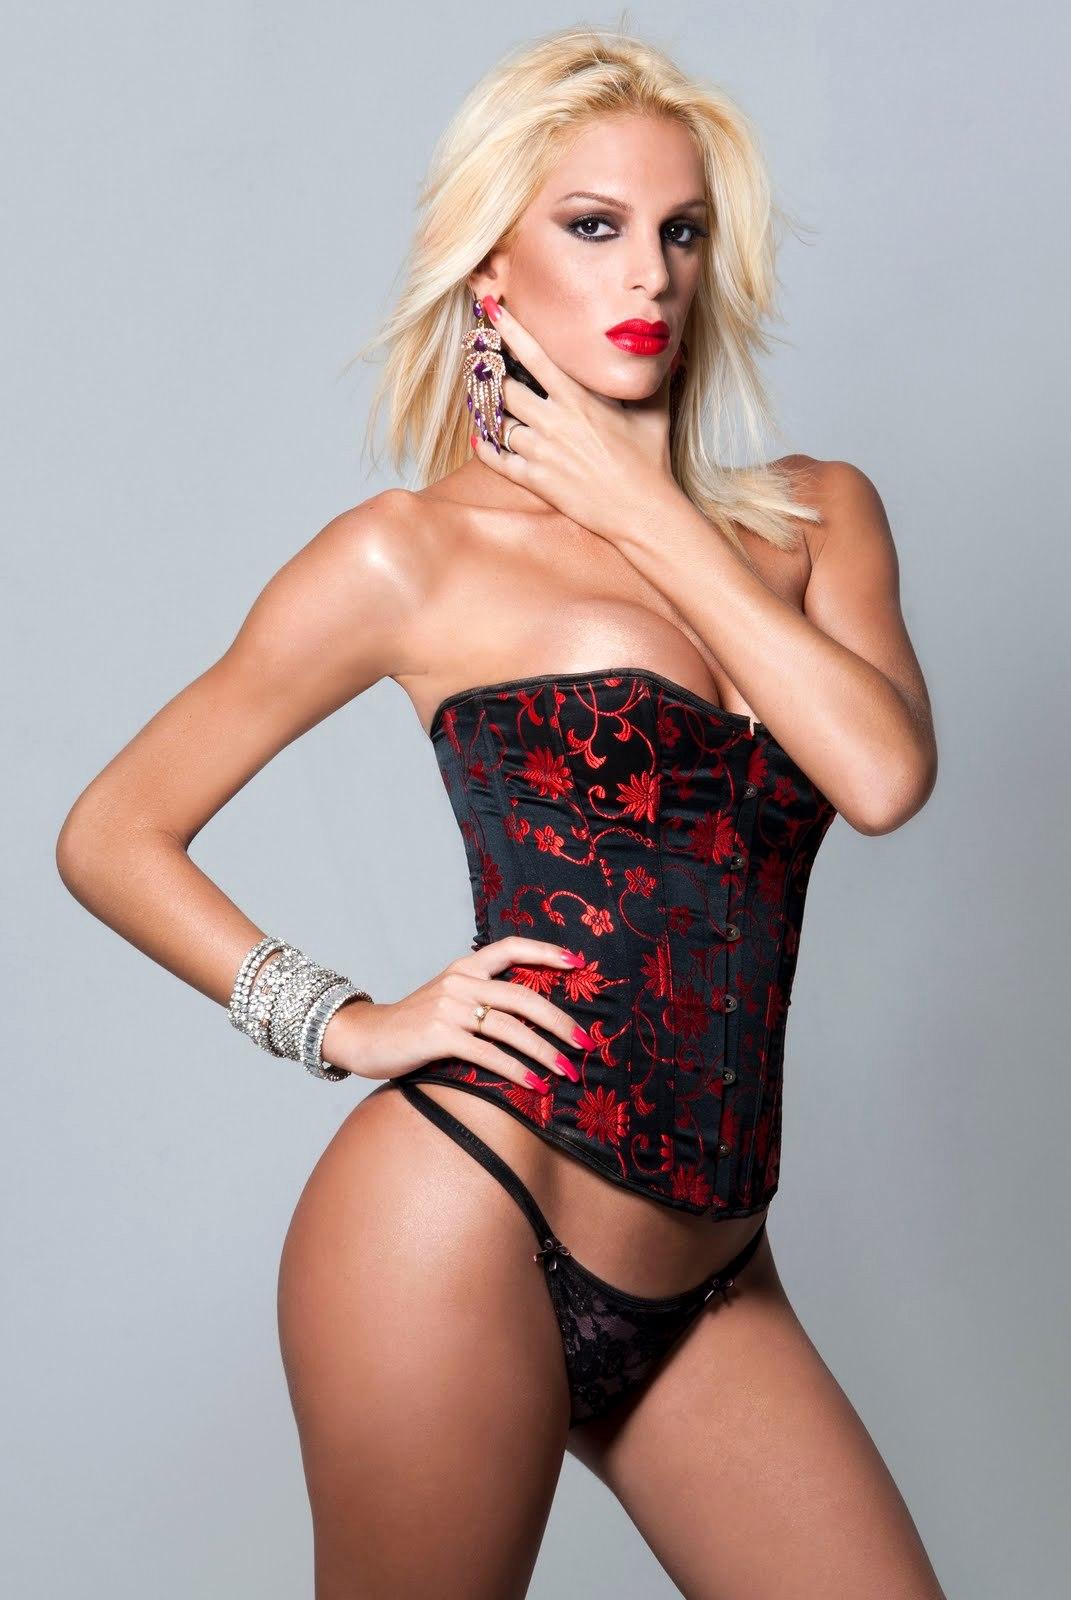 tayra oliveira sensual corset